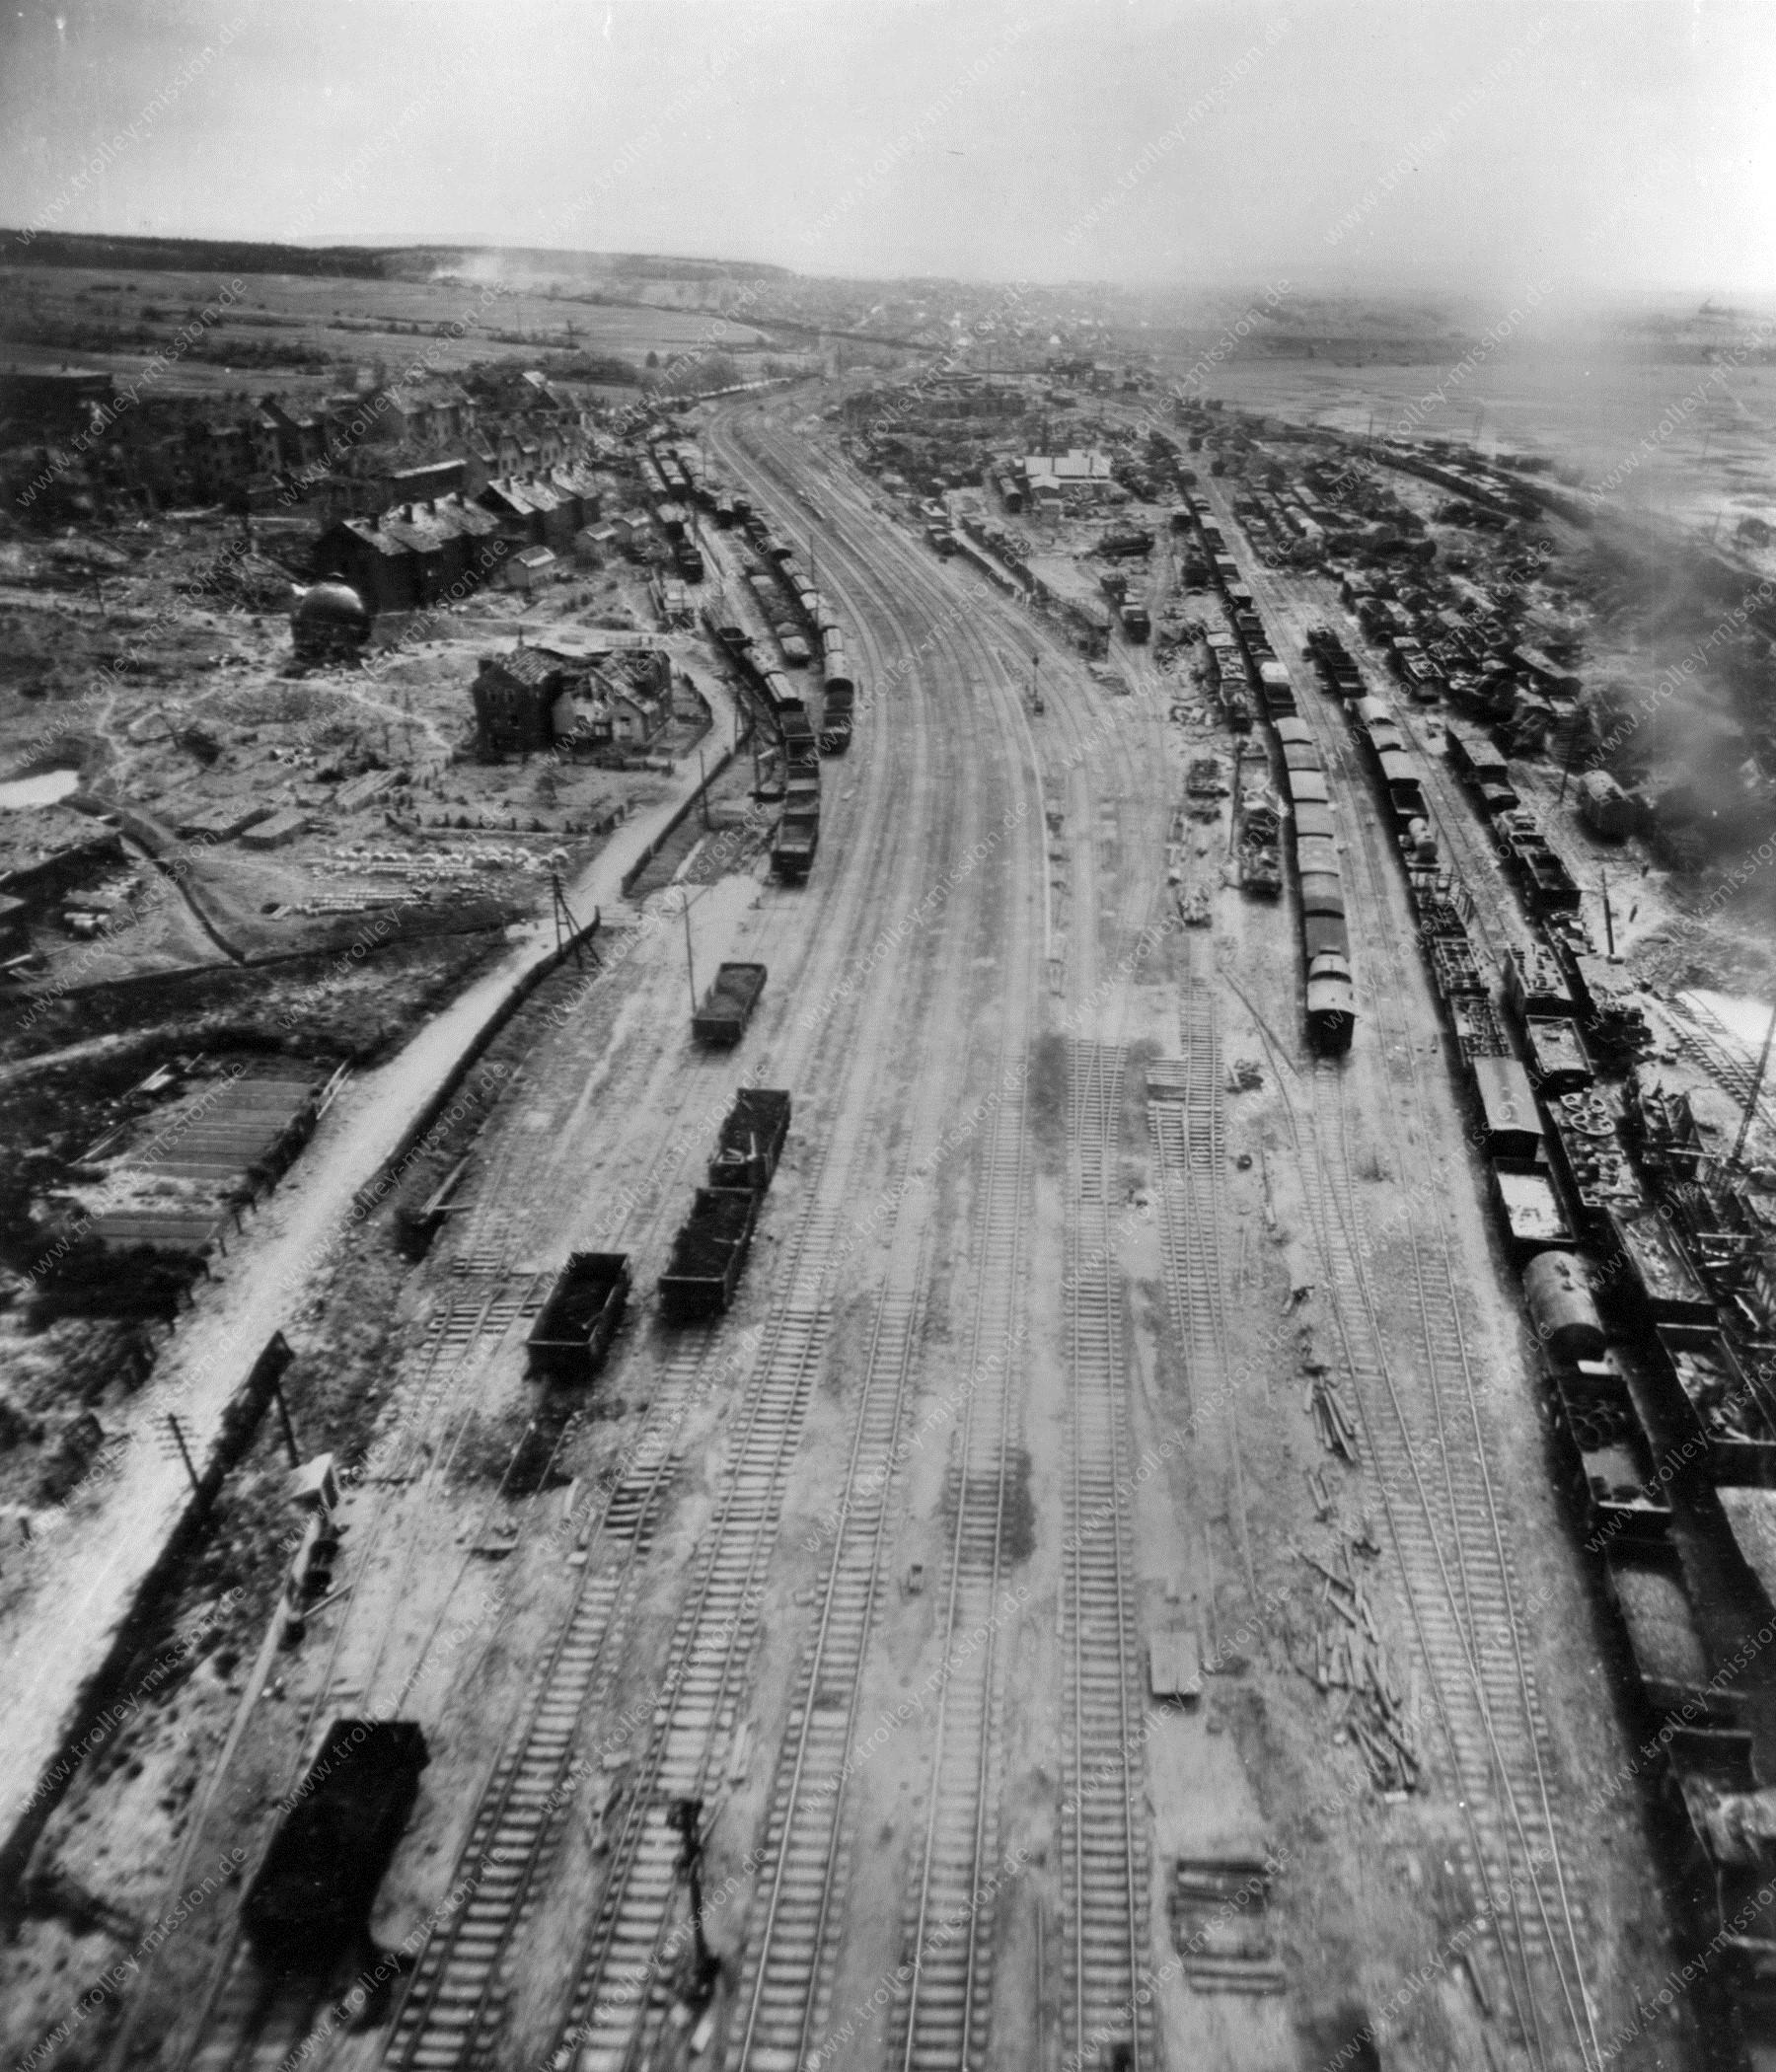 Bahnhof Gießen entlang am Hollerweg bis zum Bahnbetriebswerk - Luftbildserie im Tiefflug nach dem Zweiten Weltkrieg 1945